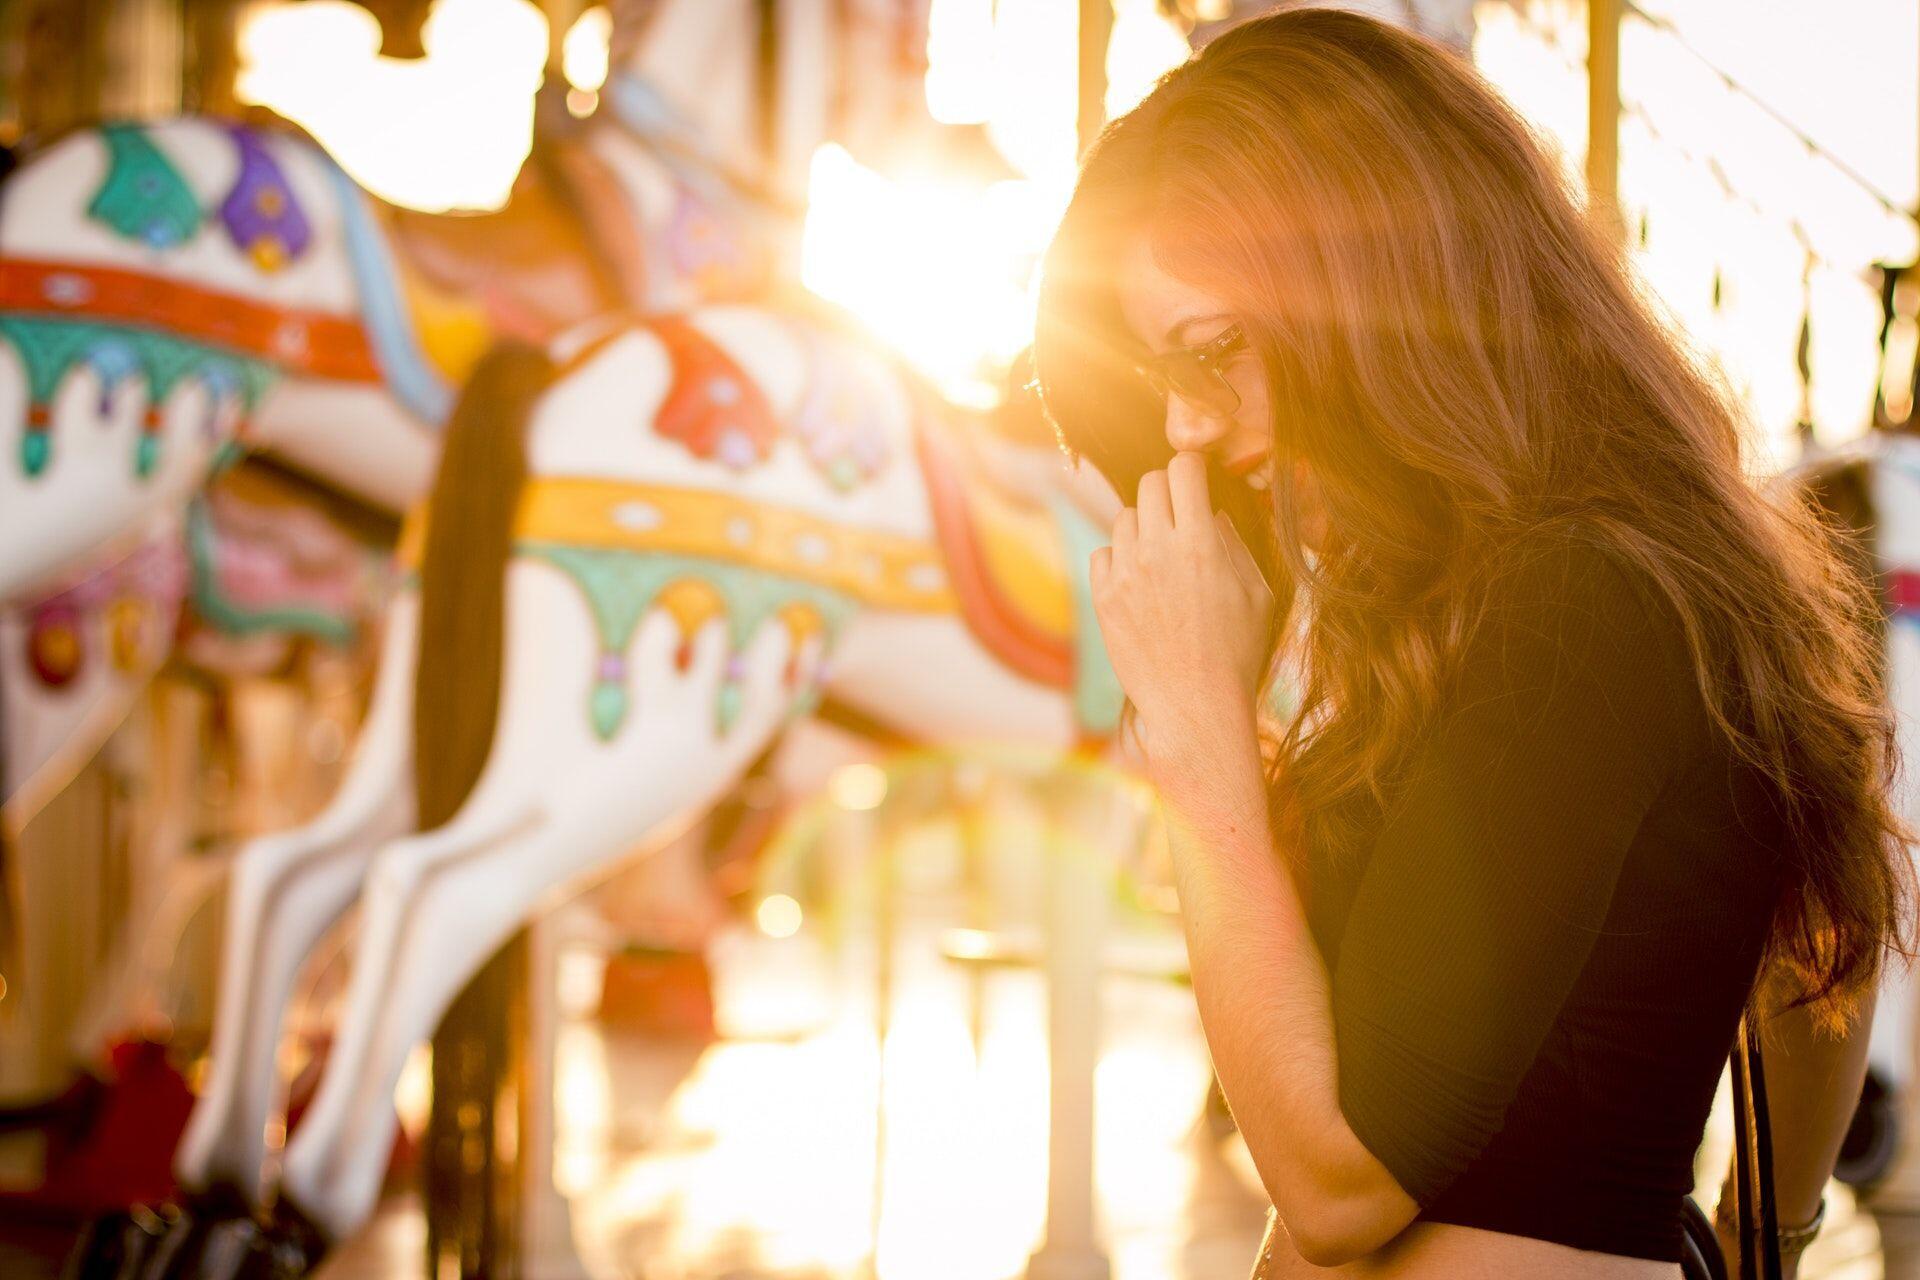 Penting, Ini 5 Kelakuan yang Harus Dihindari Cewek Saat Diajak Kencan